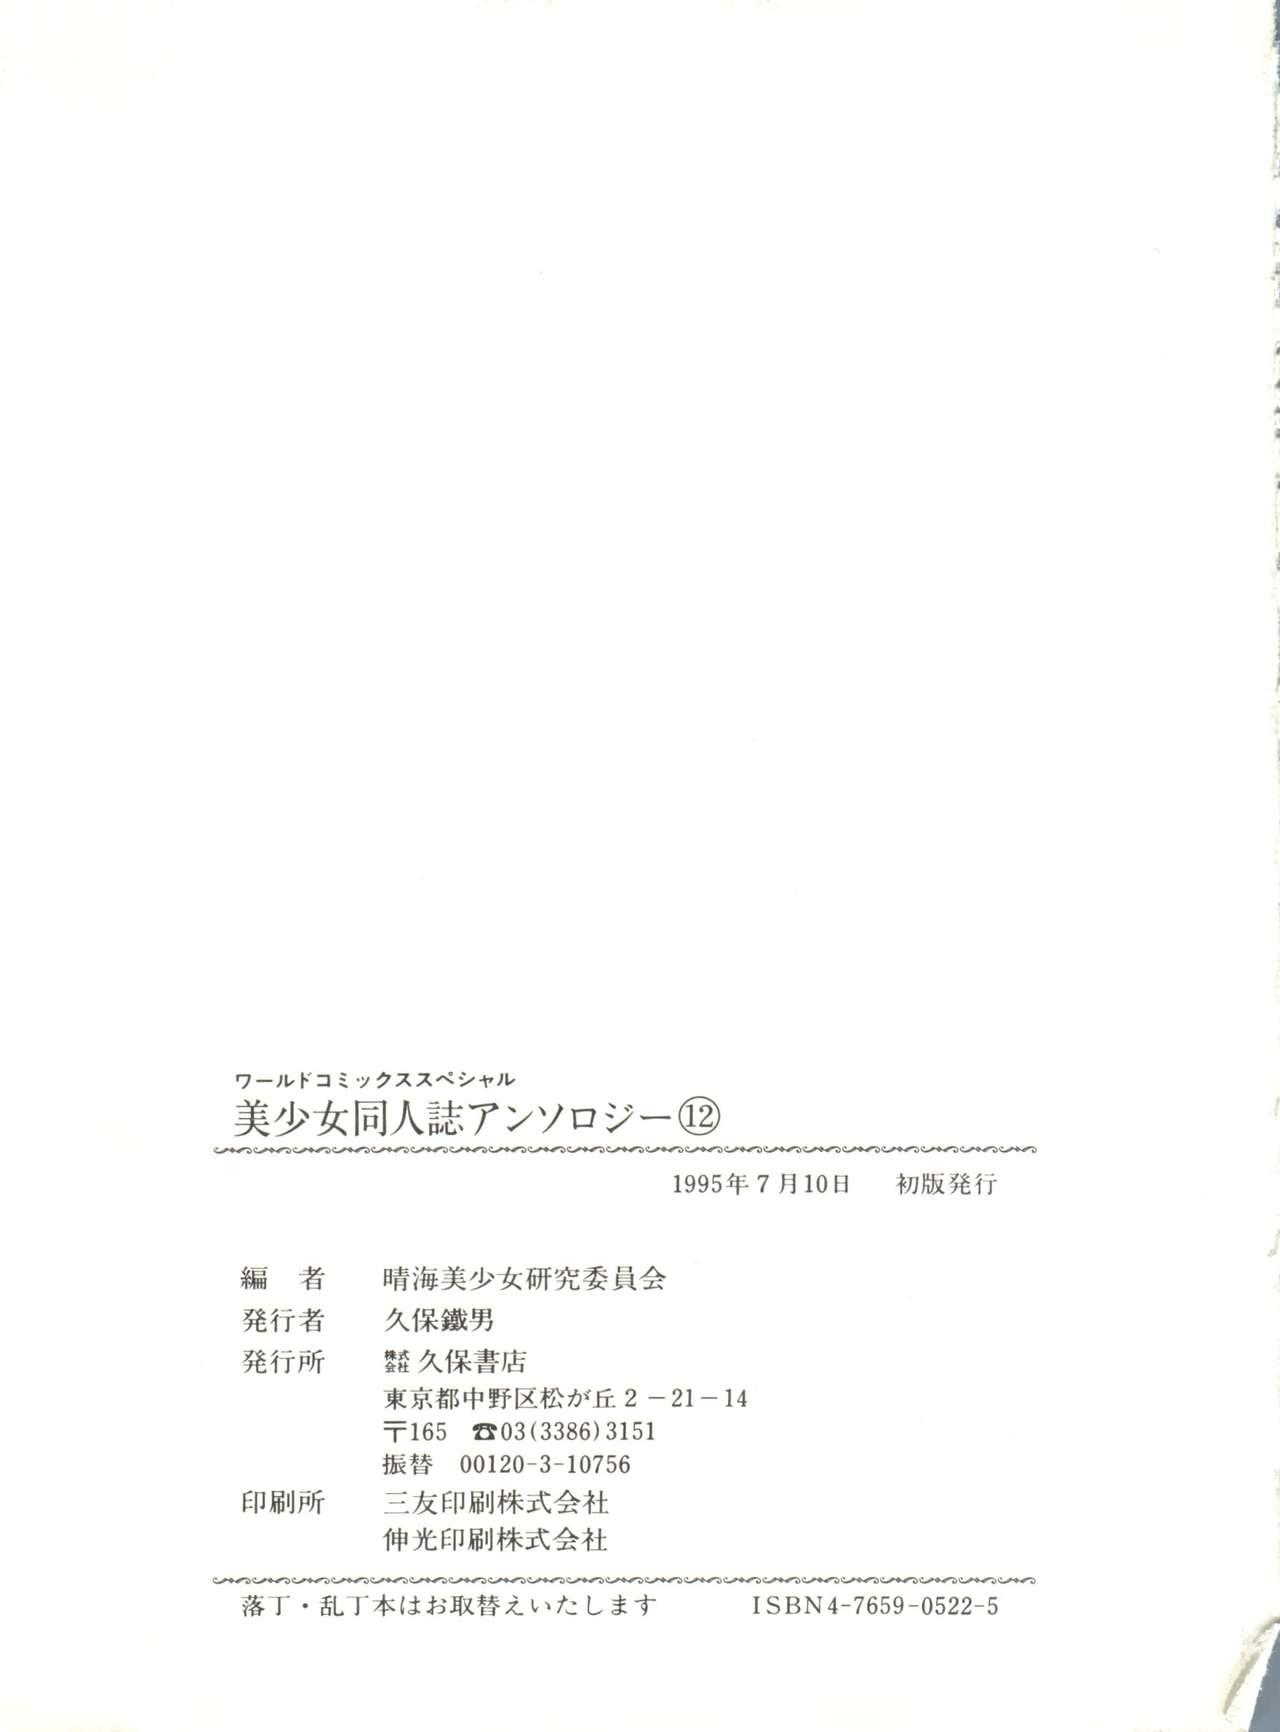 Bishoujo Doujinshi Anthology 12 - Moon Paradise 7 Tsuki no Rakuen 147